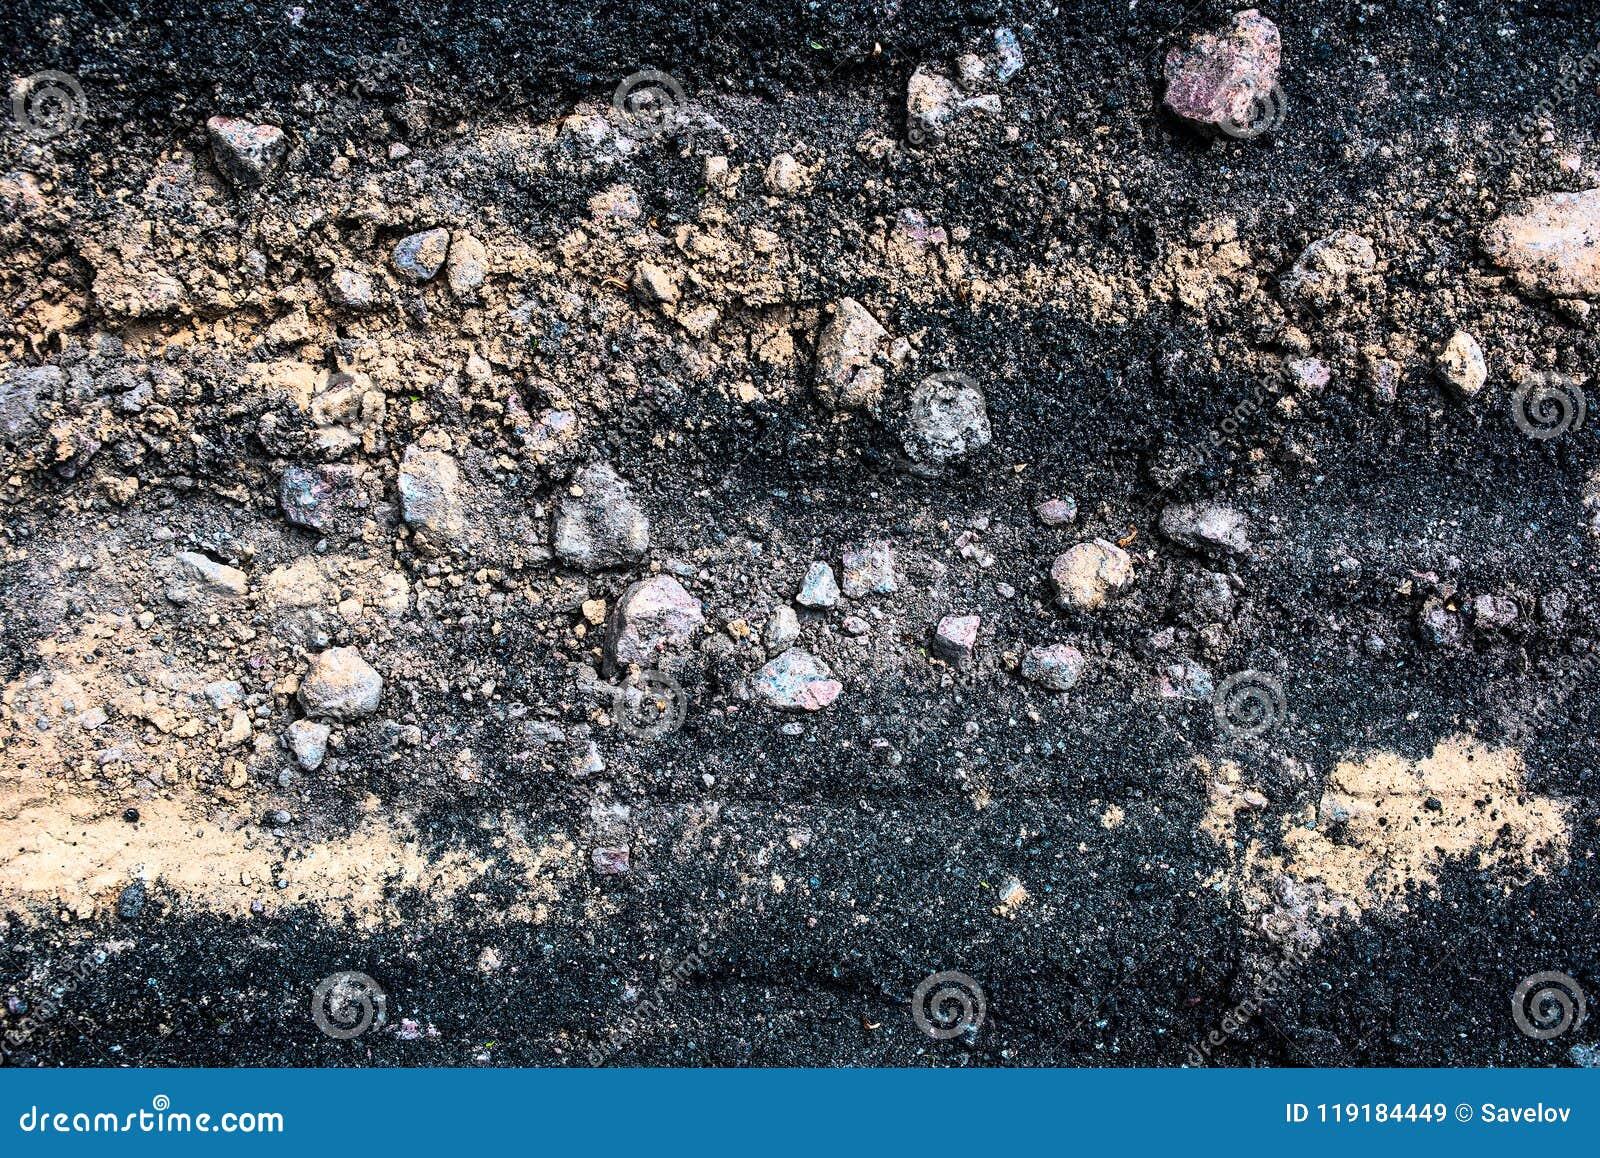 Μίγμα σύστασης για την κατασκευή της ασφάλτου από την άμμο, το αμμοχάλικο και την ορυκτή σκόνη